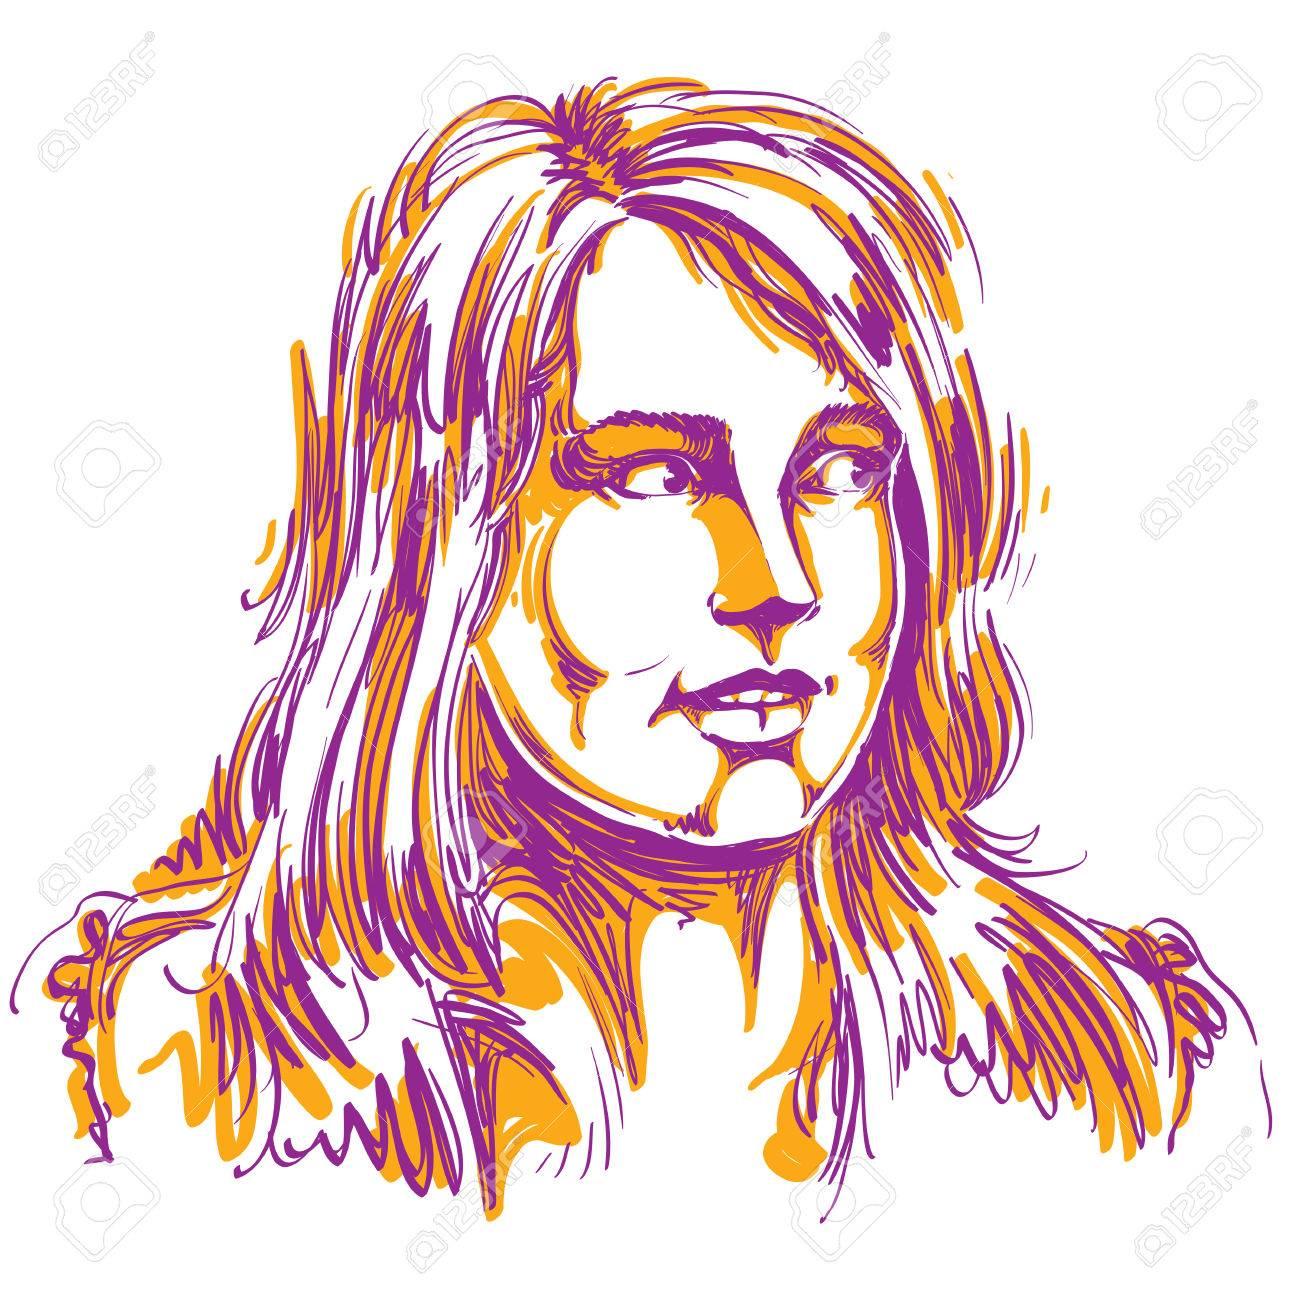 魅力的な女性、かっこいい不思議な女性のイラストのベクトルの肖像。人の